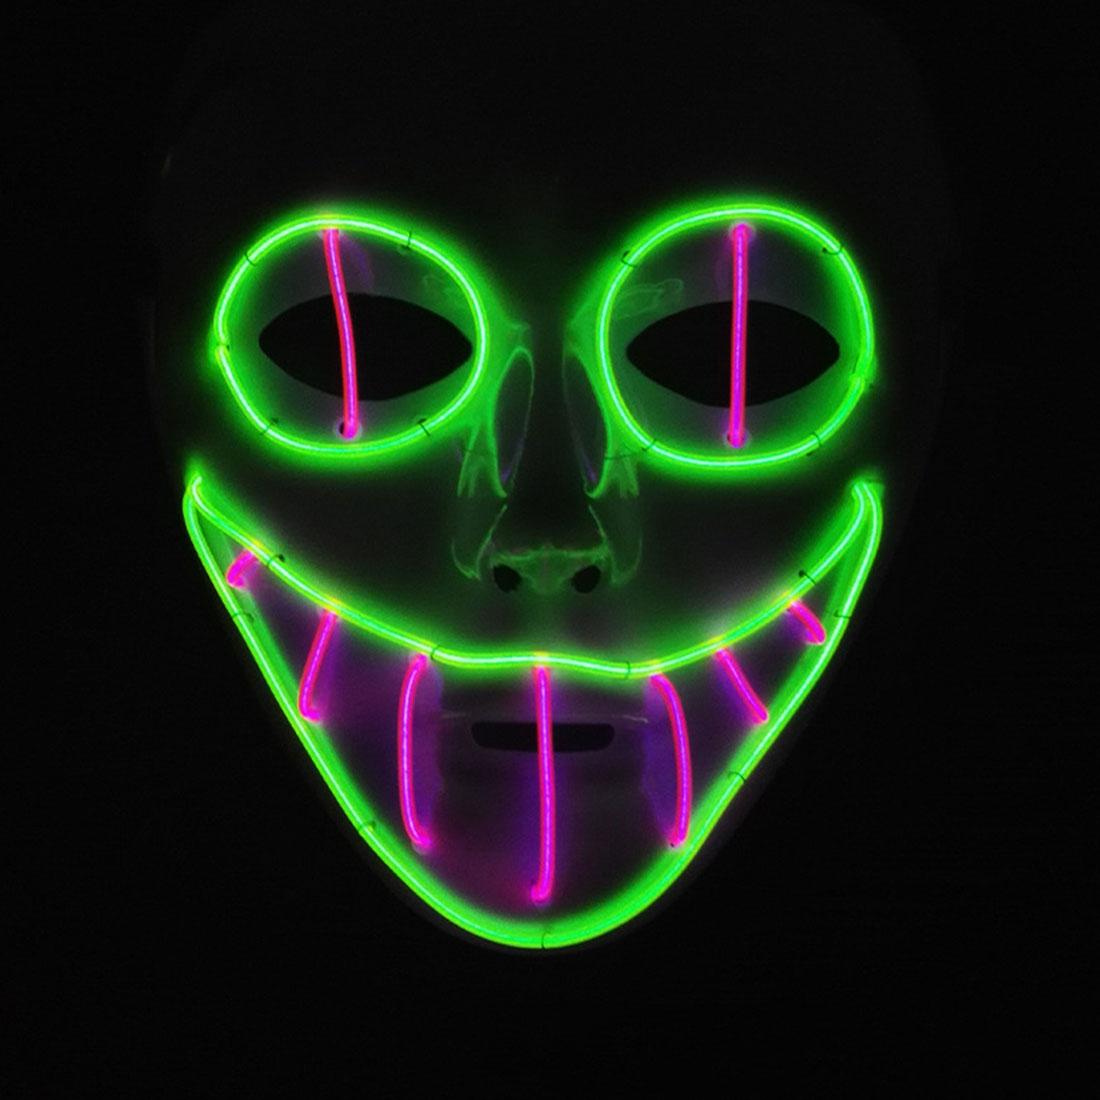 Halloween Maske LED Licht Up Maske Die Purge Wahl Jahr Große Festival Cosplay Kostüm Liefert Party Masken Glow In Dark 6 form